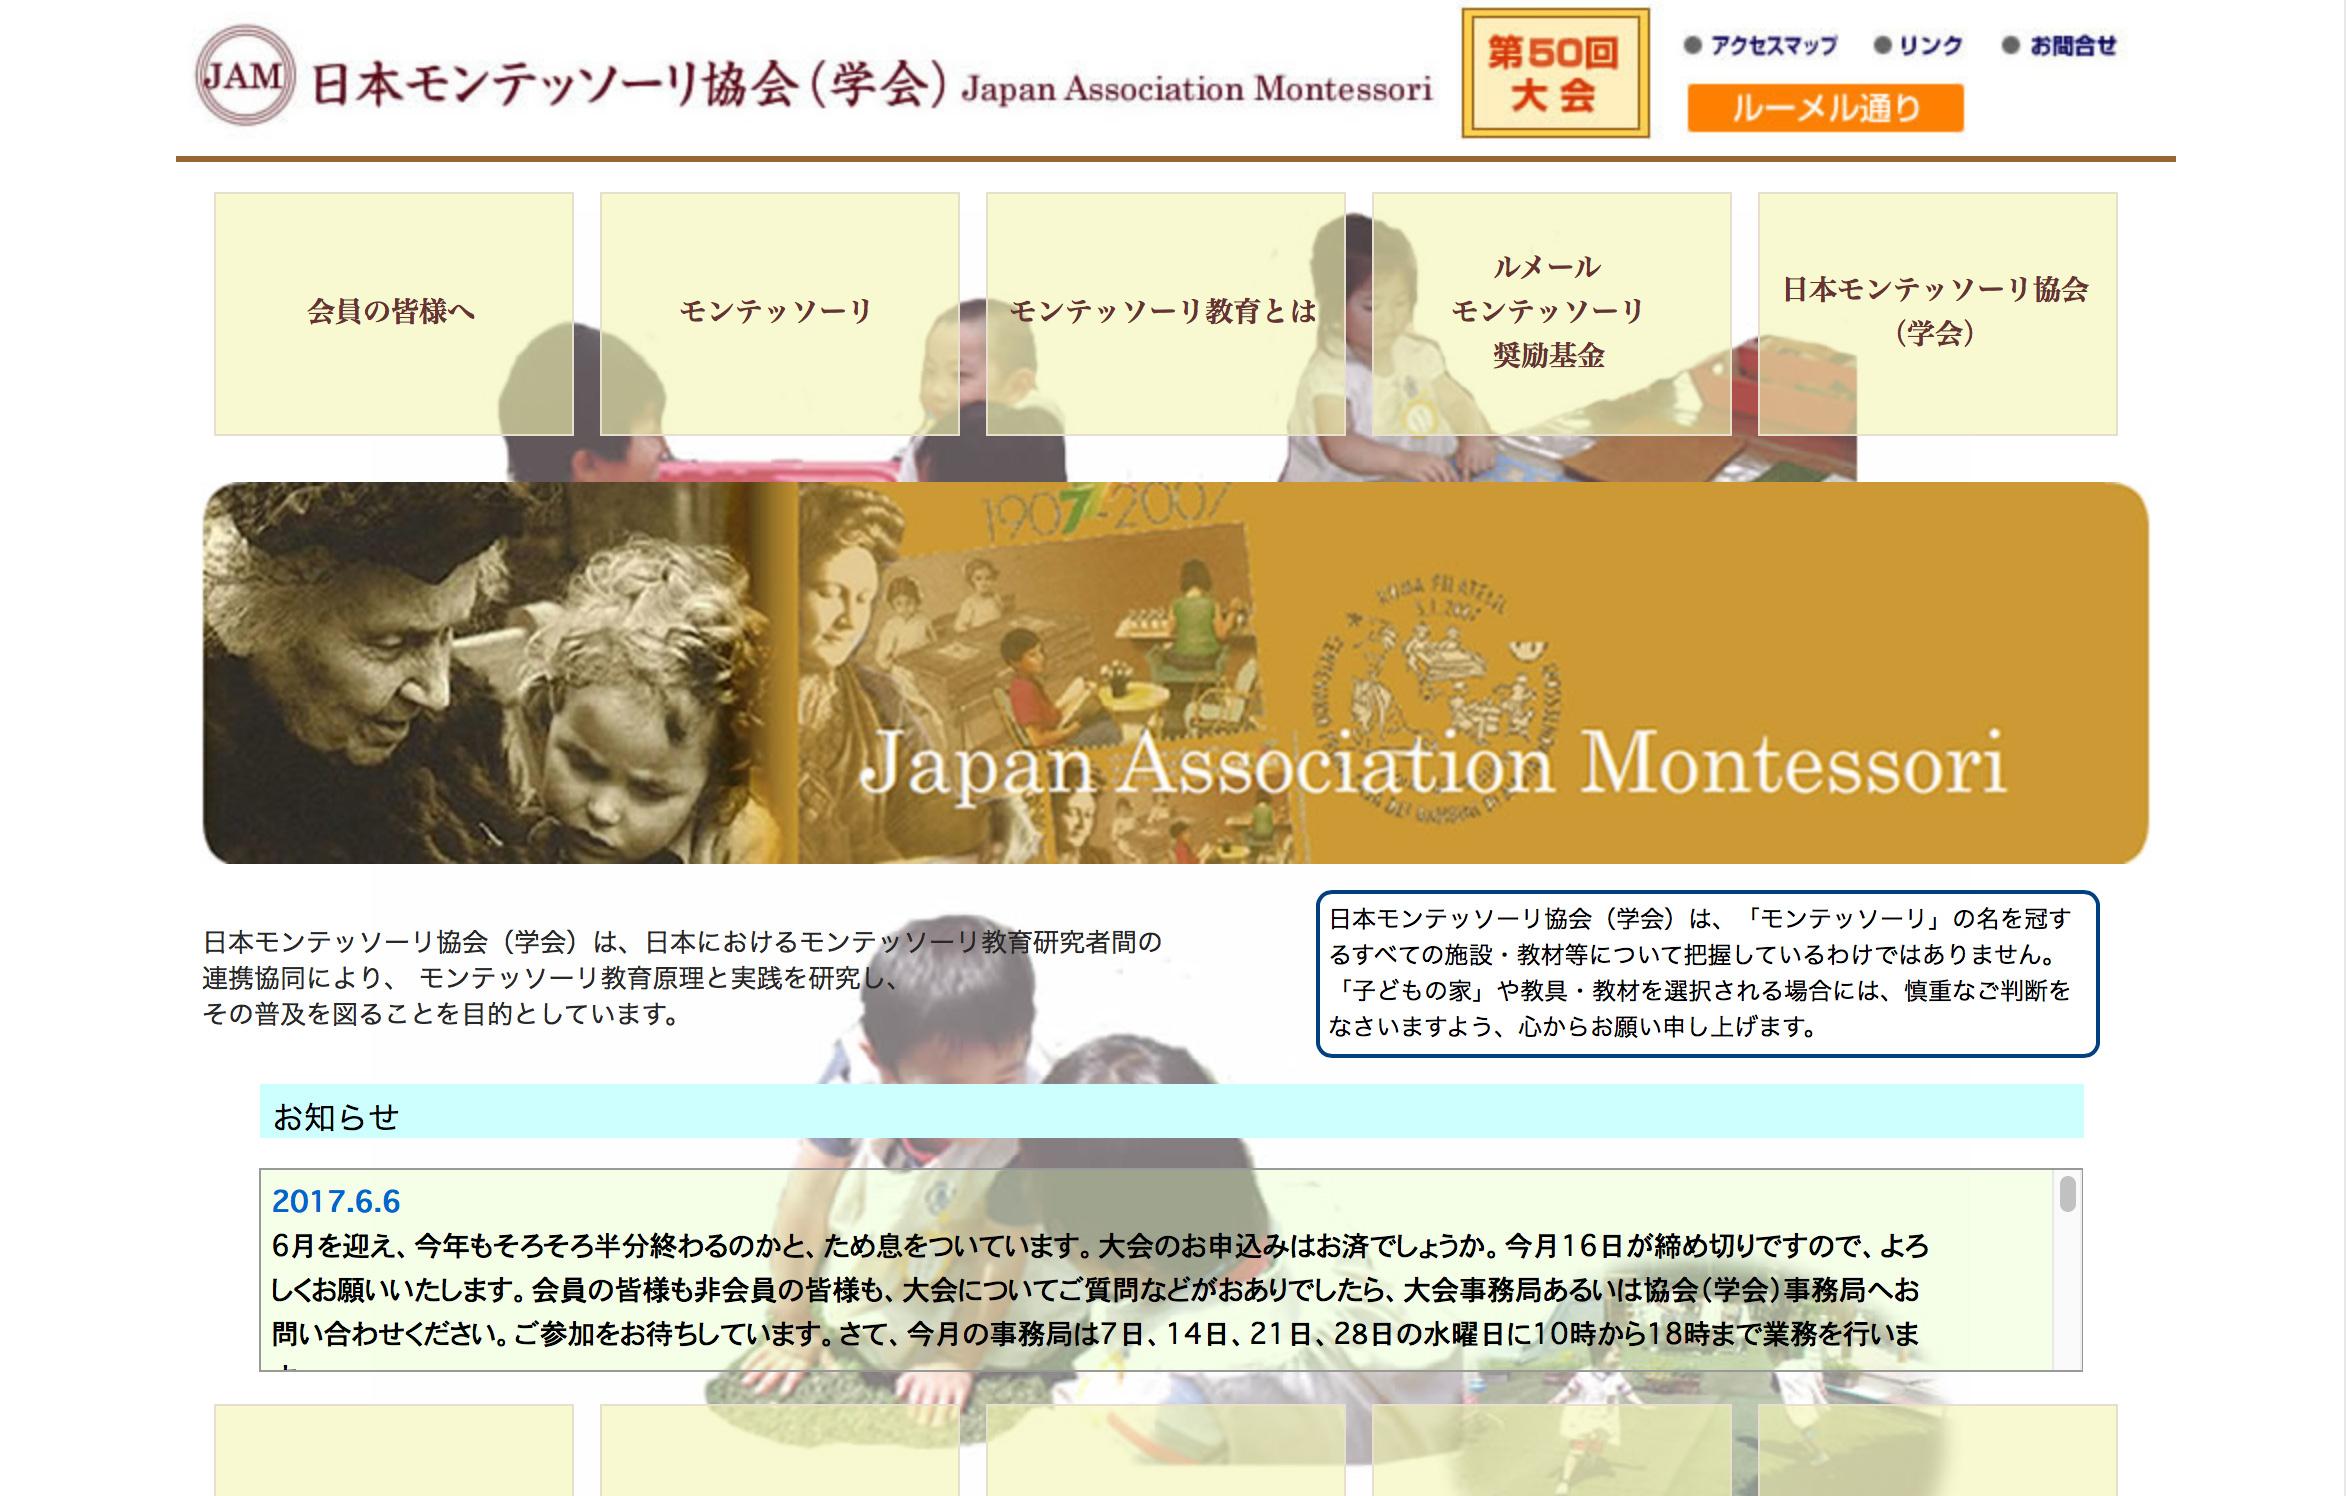 日本モンテッソーリ協会のホームページ